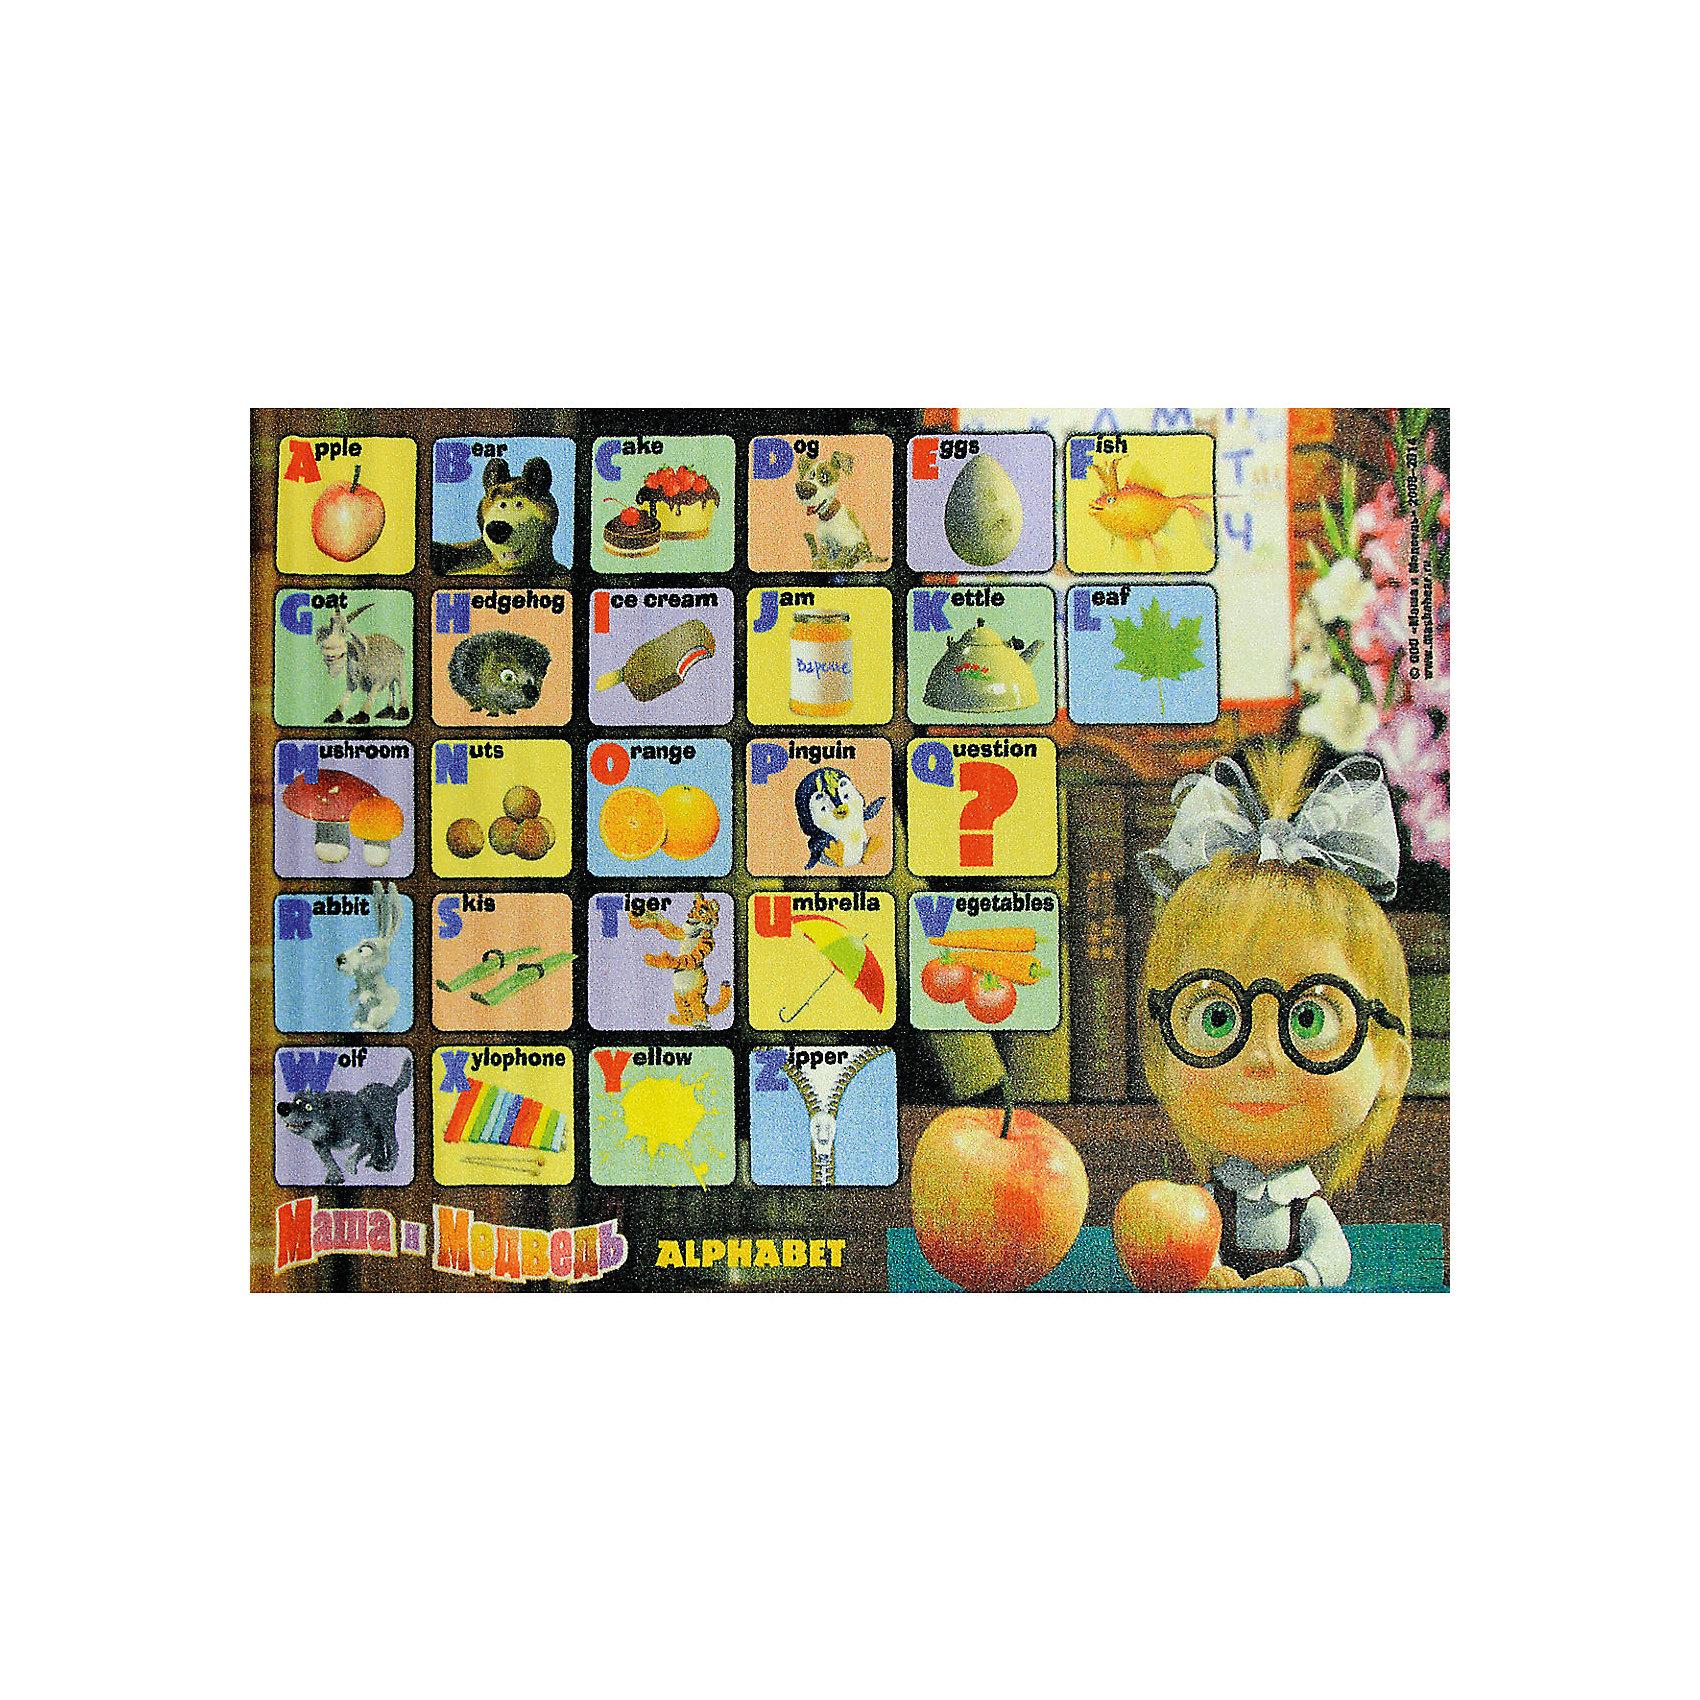 Ковер Английский алфавит 133*195 см, Маша и МедведьКовры<br>Ковер Английский алфавит 133*195 см, Маша и Медведь – яркий развивающий ковер, за которым легко ухаживать сделает уютной комнату ребенка.<br>Красочный ковер «Английский алфавит» с изображением прилежной ученицы Маши, главной героини мультсериала «Маша и Медведь» украсит комнату вашего ребенка, и в игровой форме познакомит его с английским алфавитом. Вместе с любимой героиней ваш малыш выучит буквы английского алфавита, прочитает слова, начинающиеся с этих букв, и рассмотрит картинки изображающие слова на эти буквы. Качественный яркий рисунок детского ковра не выгорает, устойчив к истиранию. Ковер очень практичный, изготовлен из безопасных и высококачественных синтетических материалов. Пыль и грязь не забивается глубоко внутрь ворса, что существенно облегчает уход за изделием, а латексная основа не скользит по полу. По краям ковер аккуратно обшит. Небольшой вес позволит без труда перемещать ковер в разные места комнаты и легко производить уборку под ковром.<br><br>Дополнительная информация:<br><br>- Размер: 133х195 см.<br>- Высота ворса: 5 мм.<br>- Вес ковра: 1,3 кг/м2<br>- Плотность ворса: 290000 точек на м?<br>- Состав ворса: 100% полиамид<br>- Состав основы: гелиевая<br>- Цвет: разноцветный<br>- Вид производства: машинное<br><br>Ковер Английский алфавит 133*195 см, Маша и Медведь можно купить в нашем интернет-магазине.<br><br>Ширина мм: 300<br>Глубина мм: 300<br>Высота мм: 1330<br>Вес г: 3112<br>Возраст от месяцев: 36<br>Возраст до месяцев: 120<br>Пол: Унисекс<br>Возраст: Детский<br>SKU: 4466031